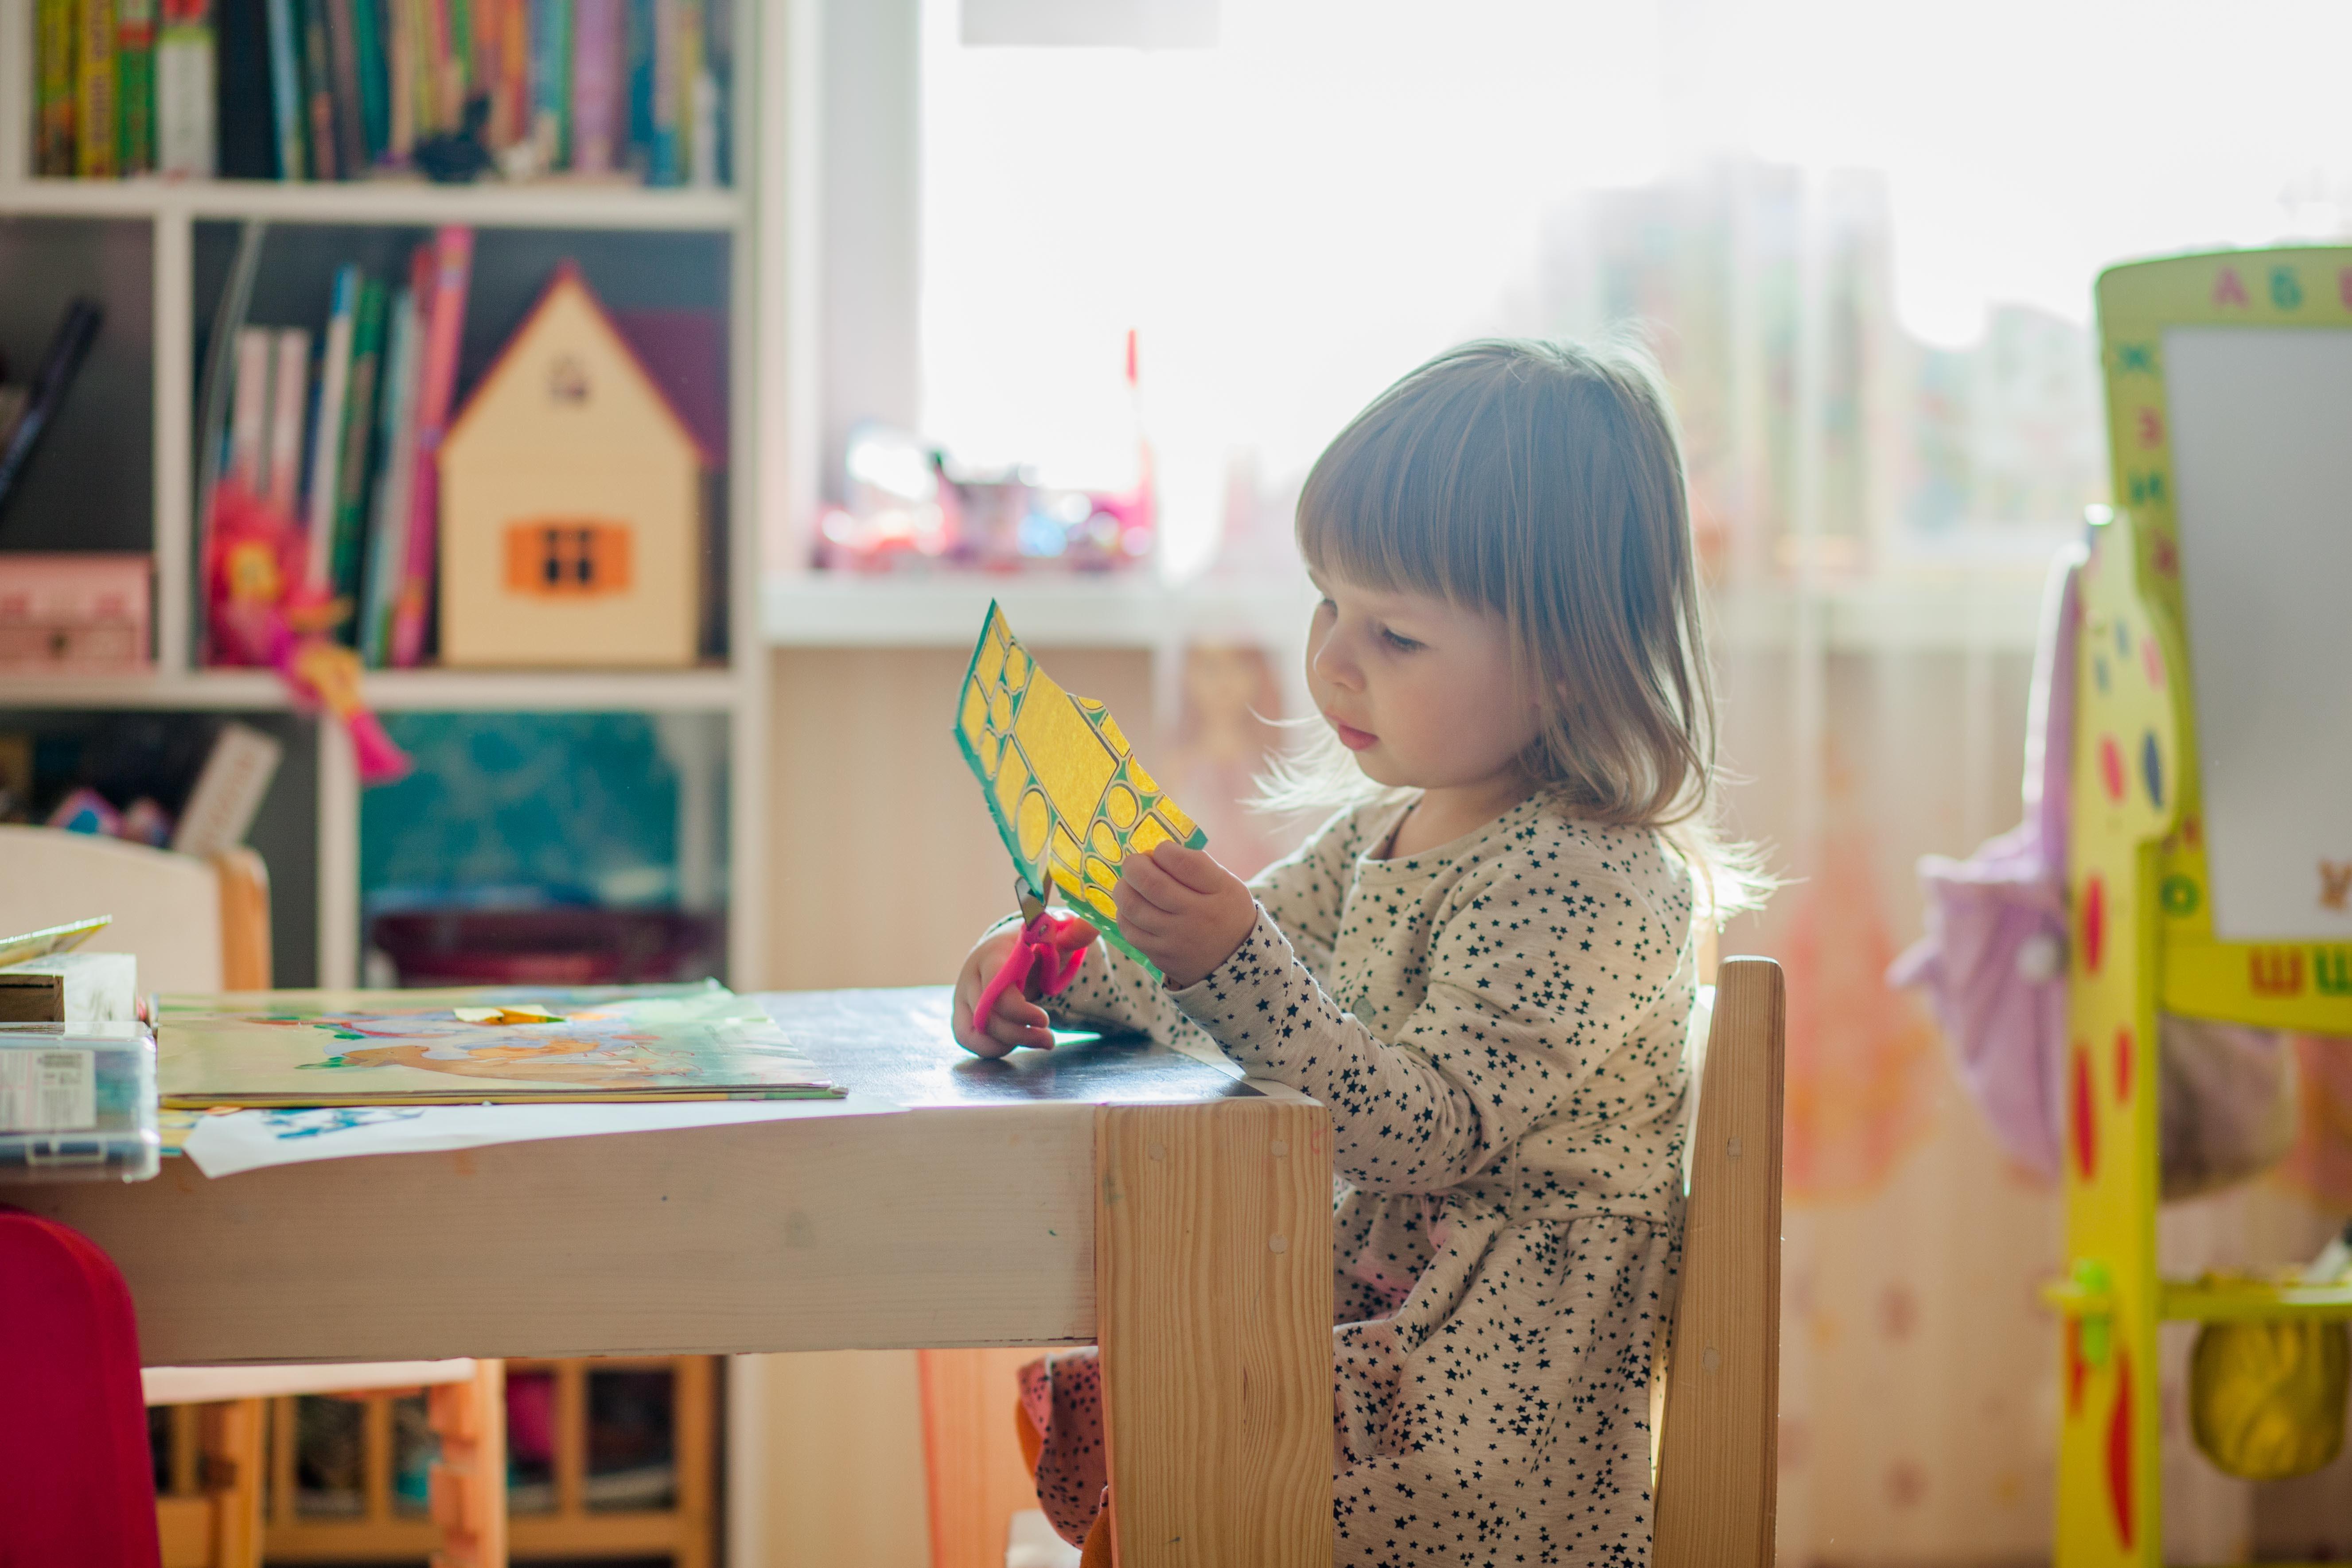 Wytyczne dla instytucji opieki nad dziećmi do lat 3